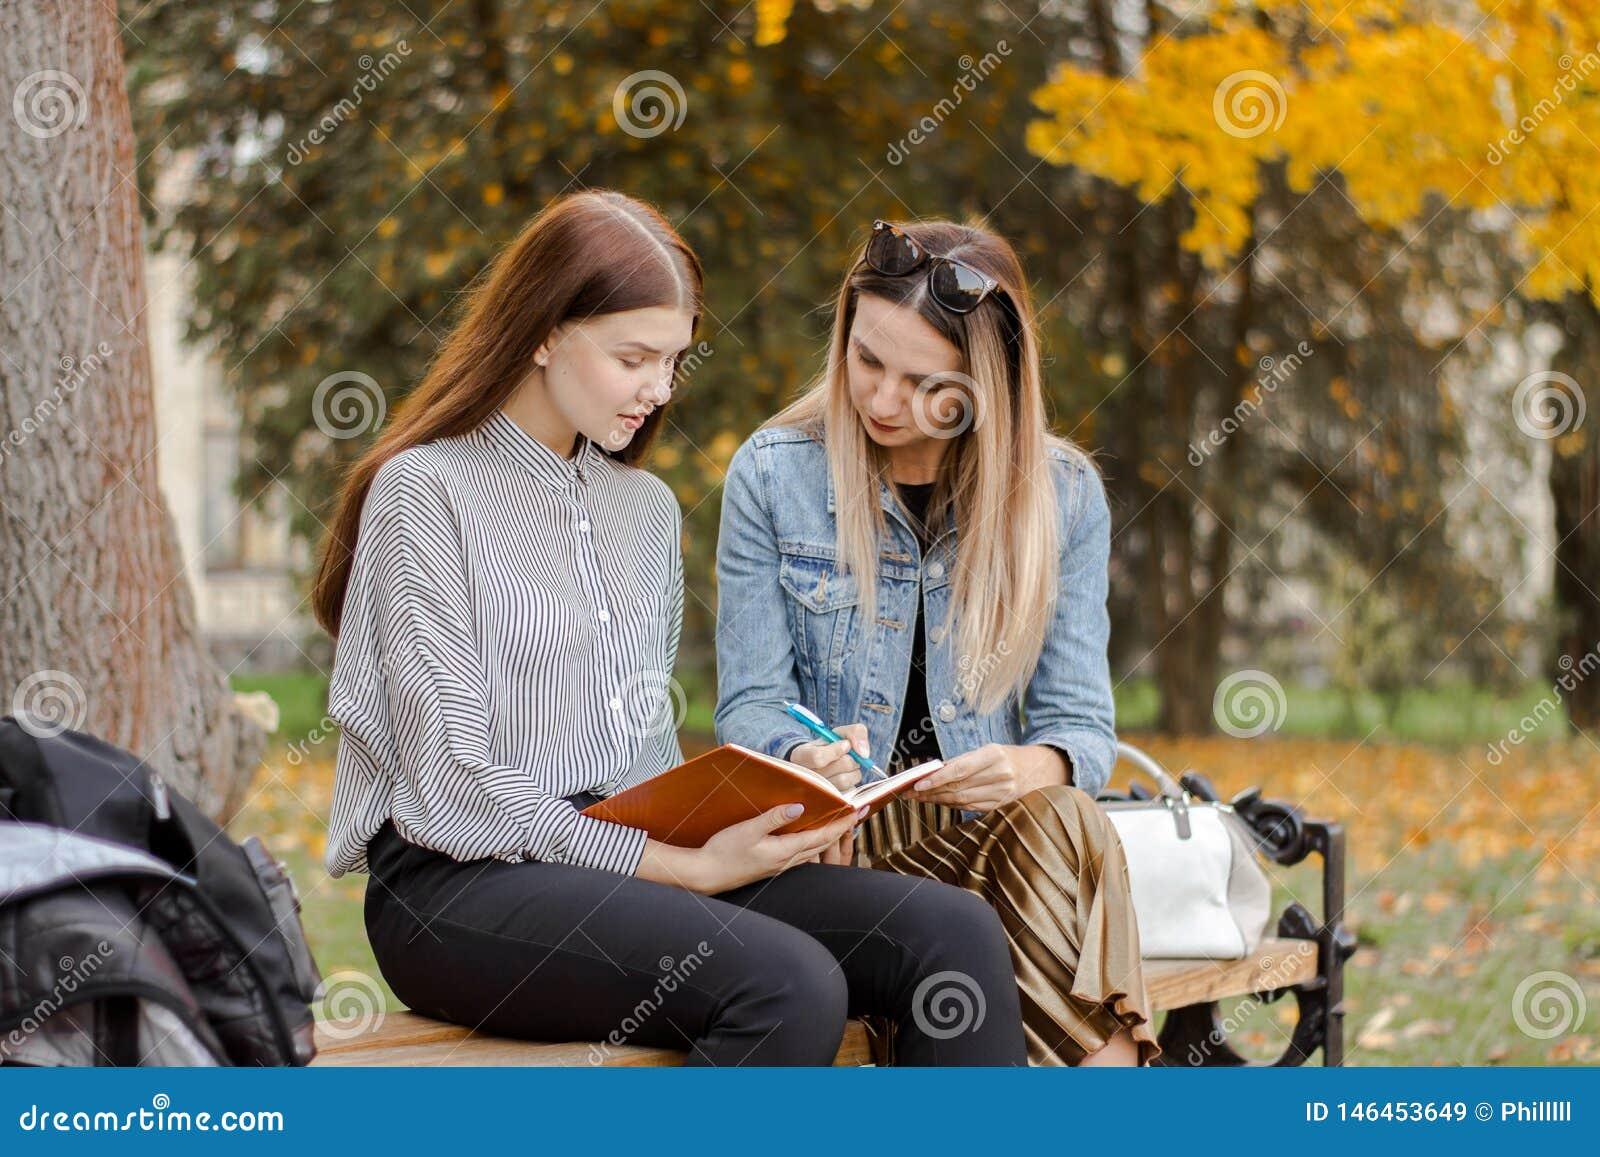 Zwei schöne junge Freundinnen nehmen Kenntnisse beim Sitzen auf einer Bank im Herbstpark